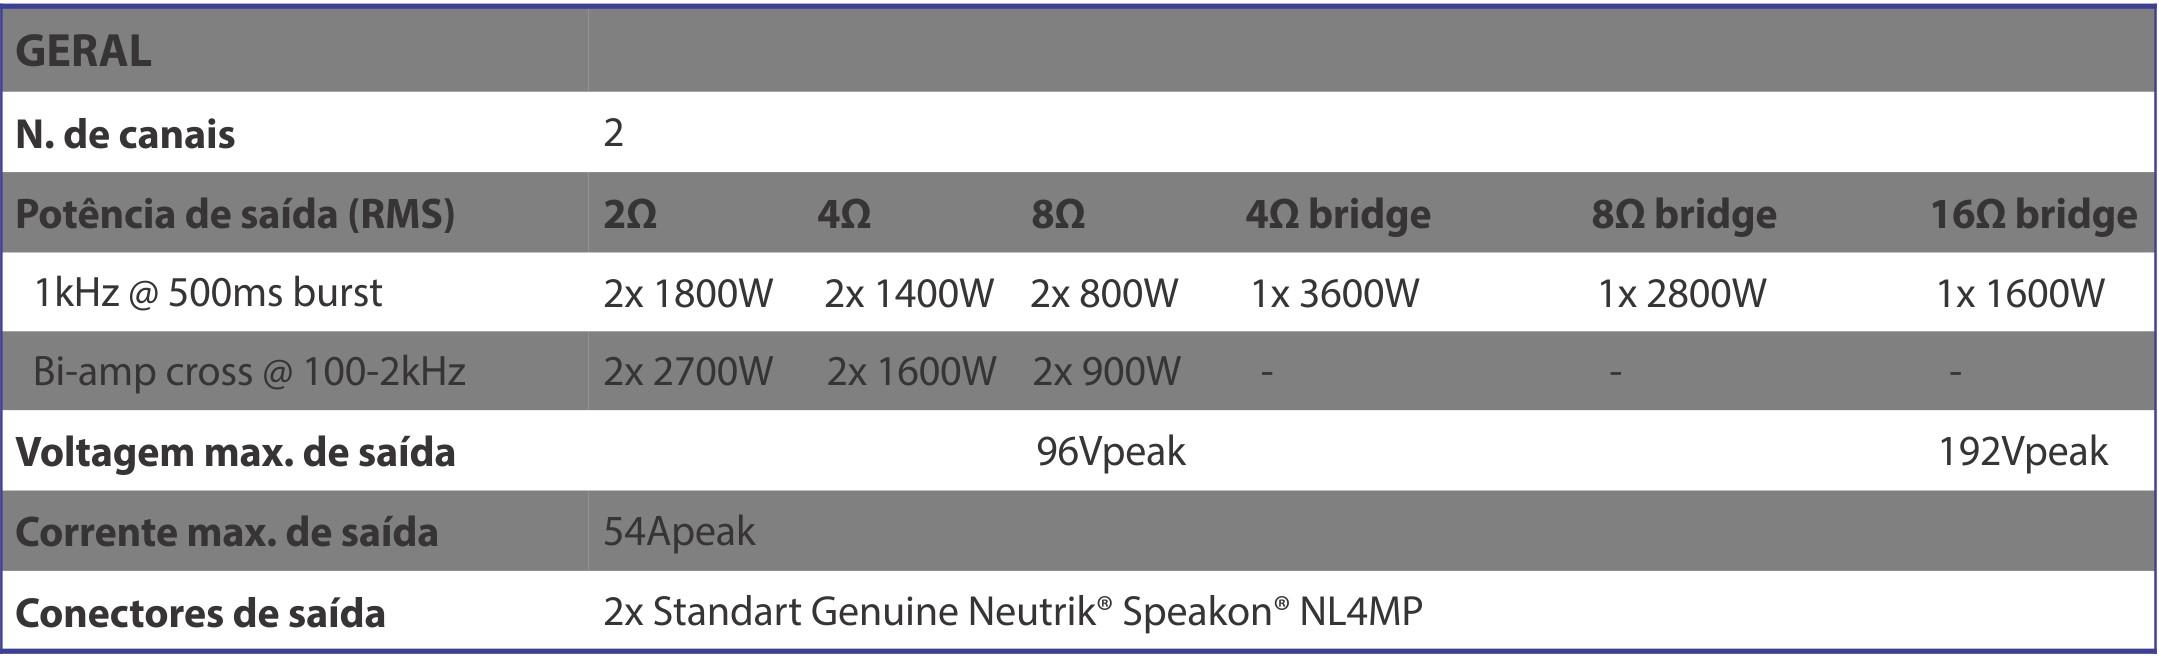 Amplificador NEXT PRO R3 Especificações técnicas